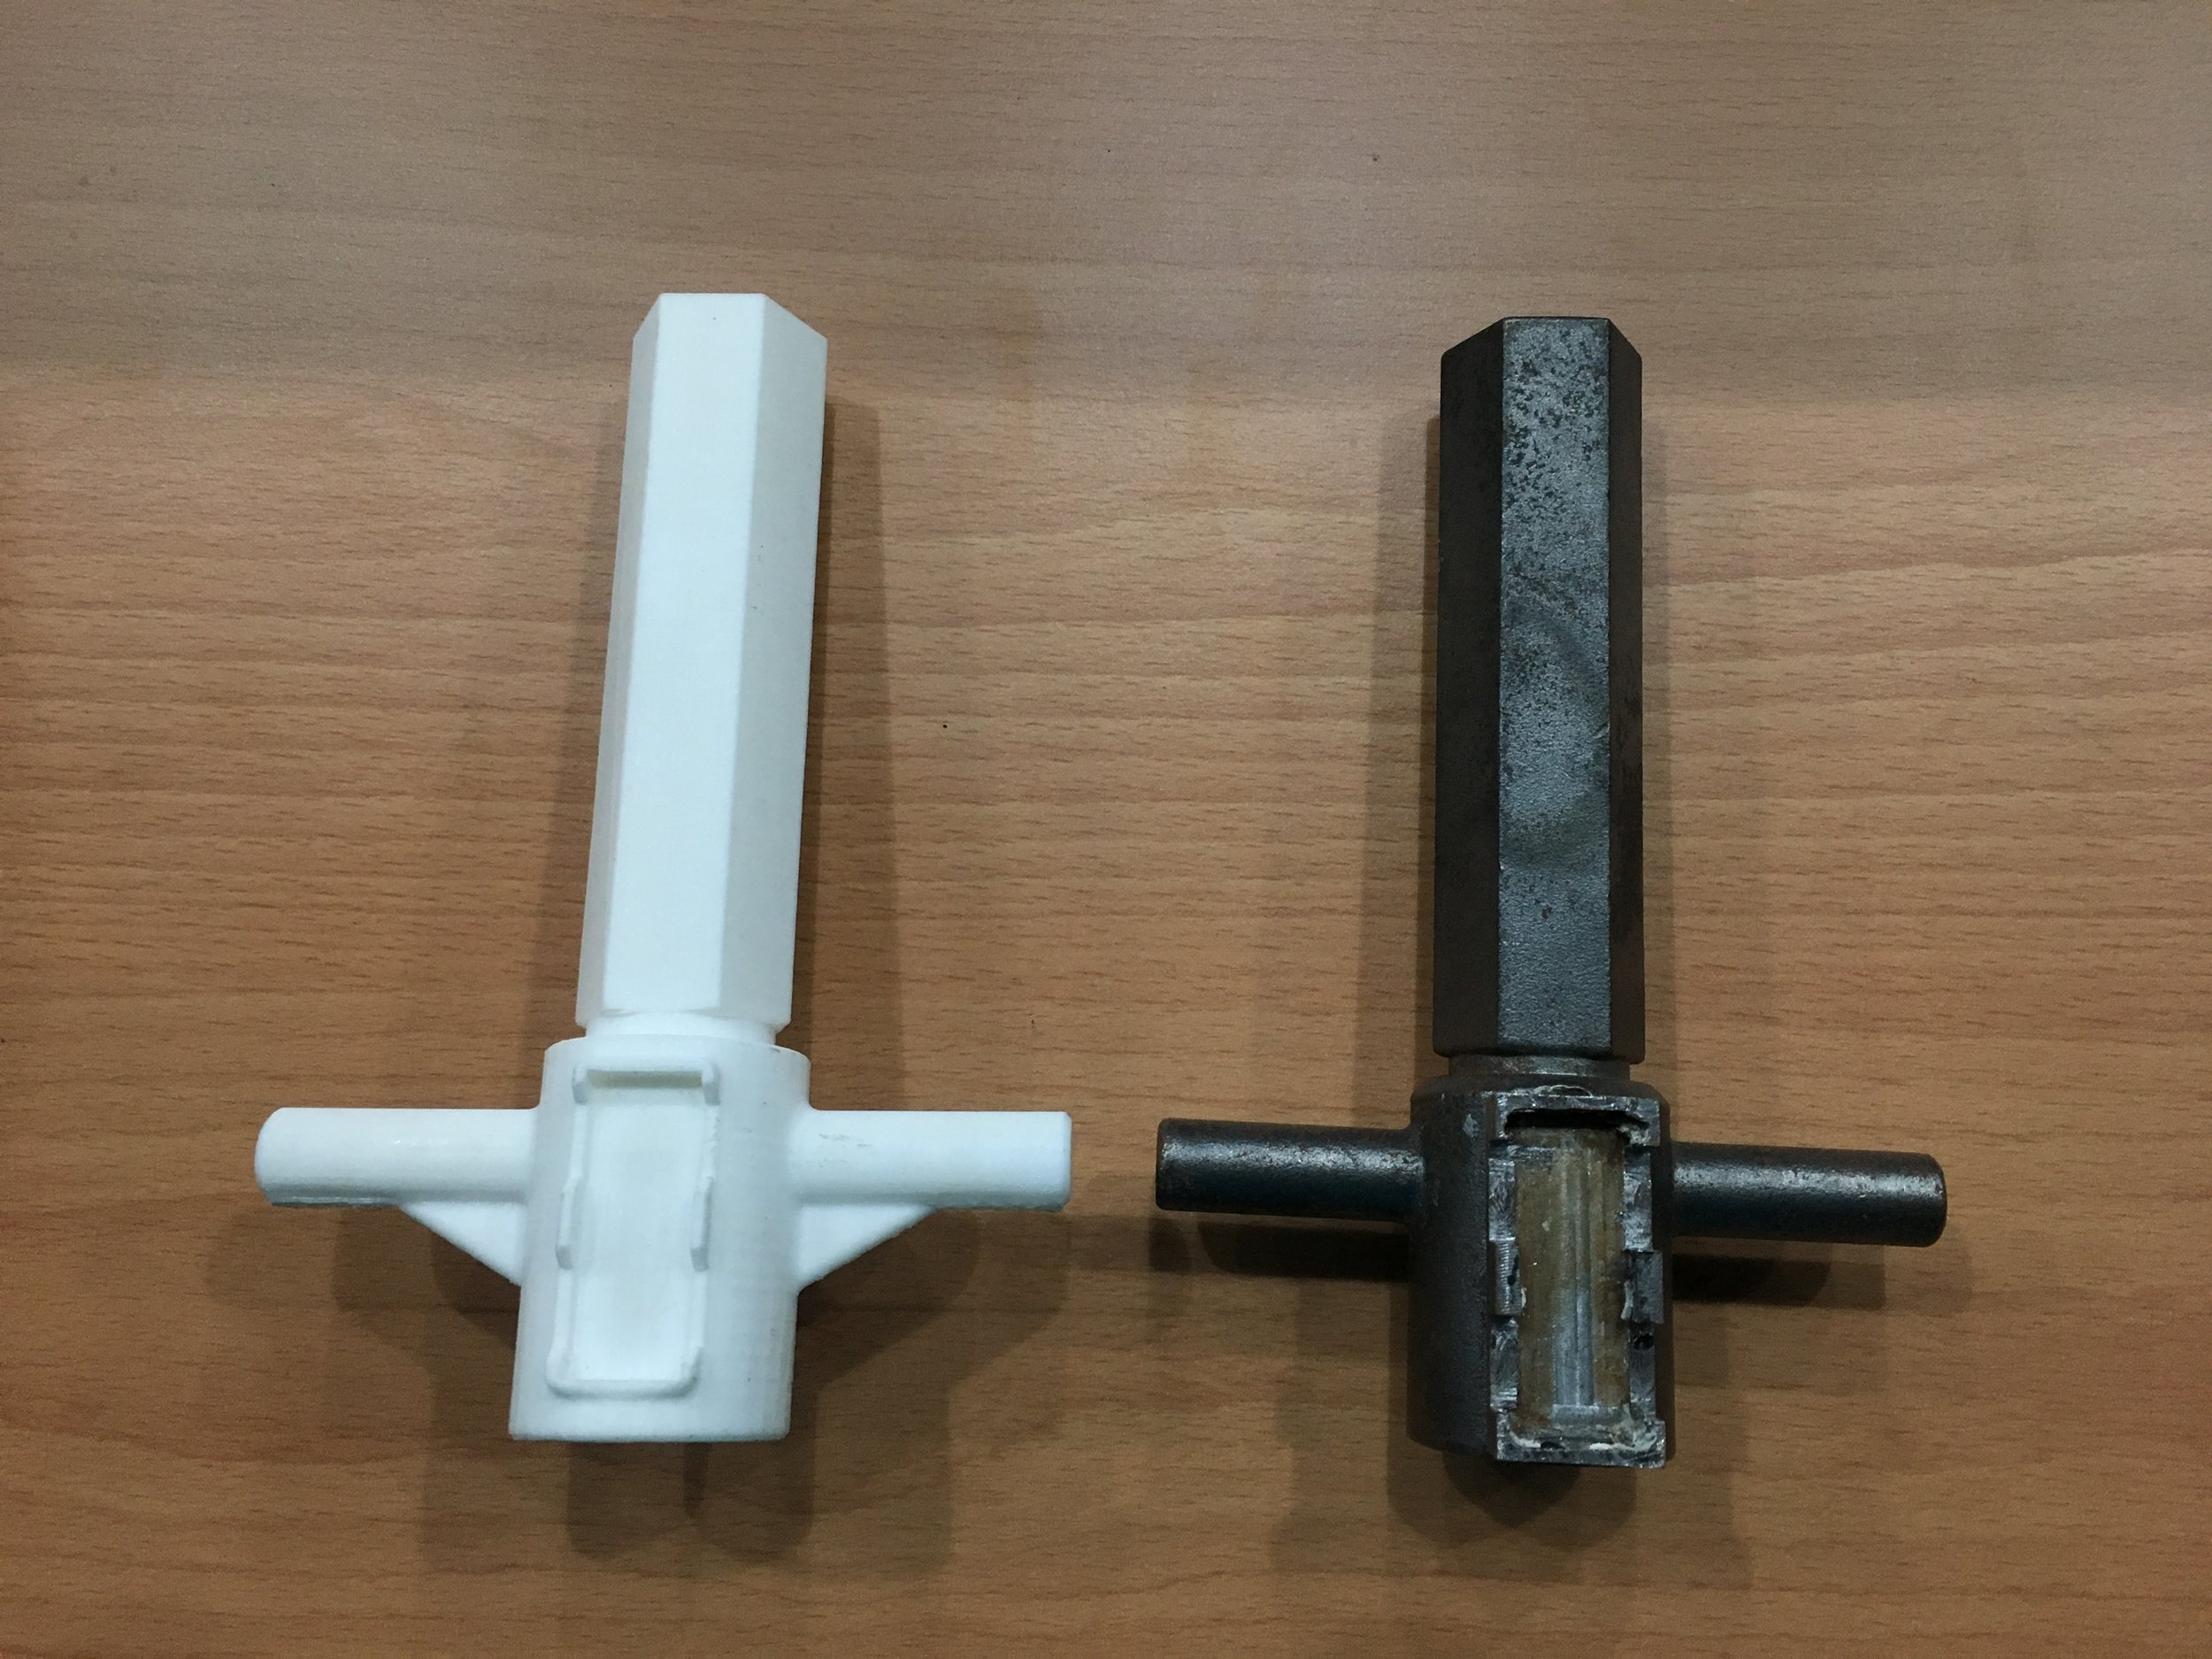 達億KINGSSEL3D列印機、ATOM3d列印機治具應用